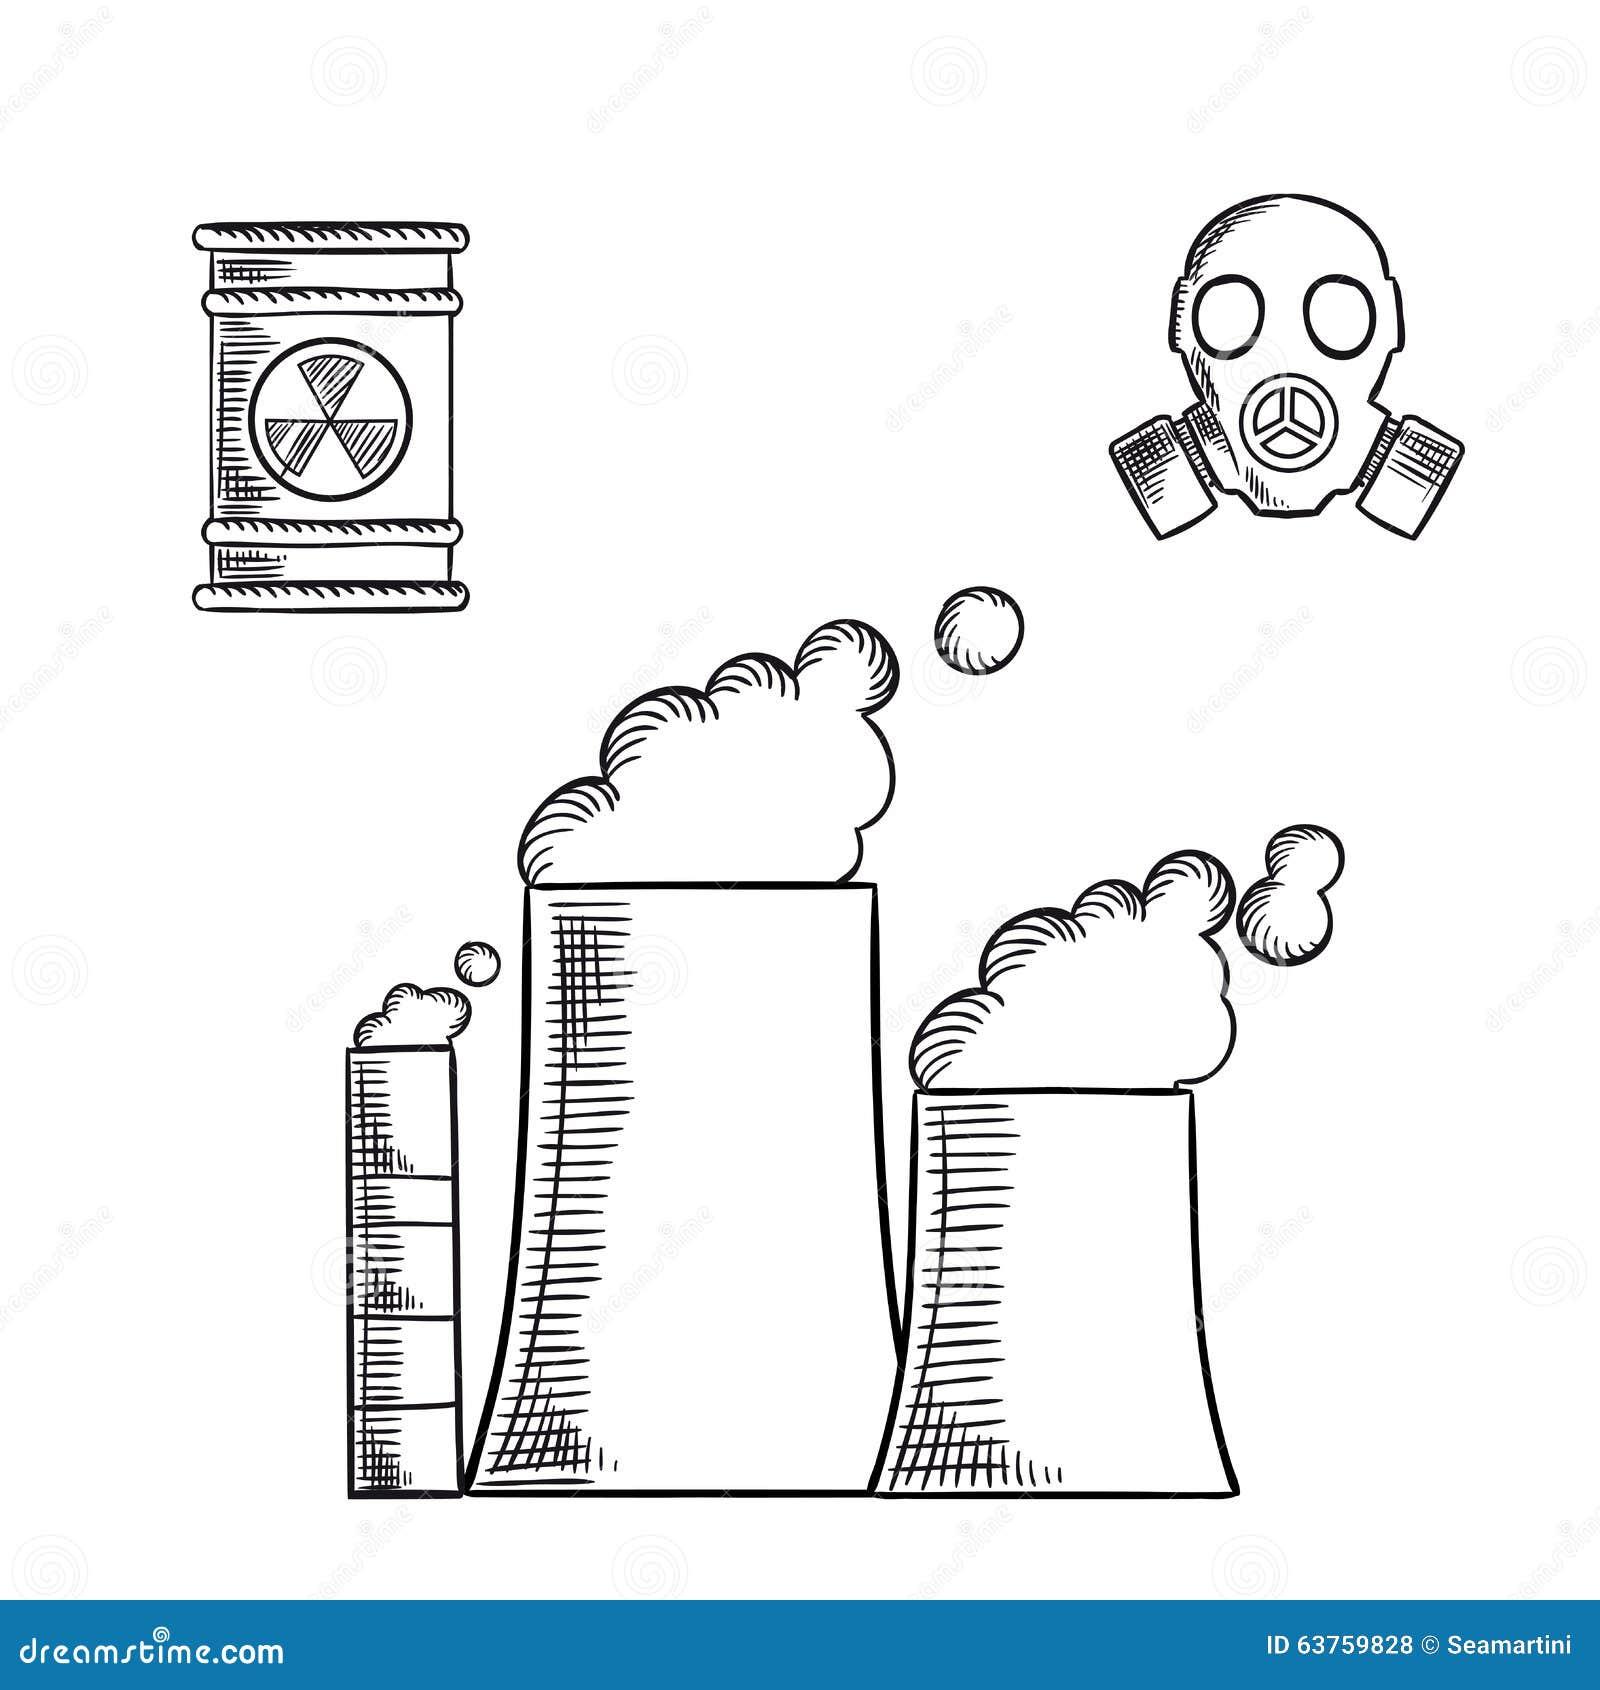 破坏和环境污染速写与发怒的烟囱的象和工业管子化学制品或能源厂,与